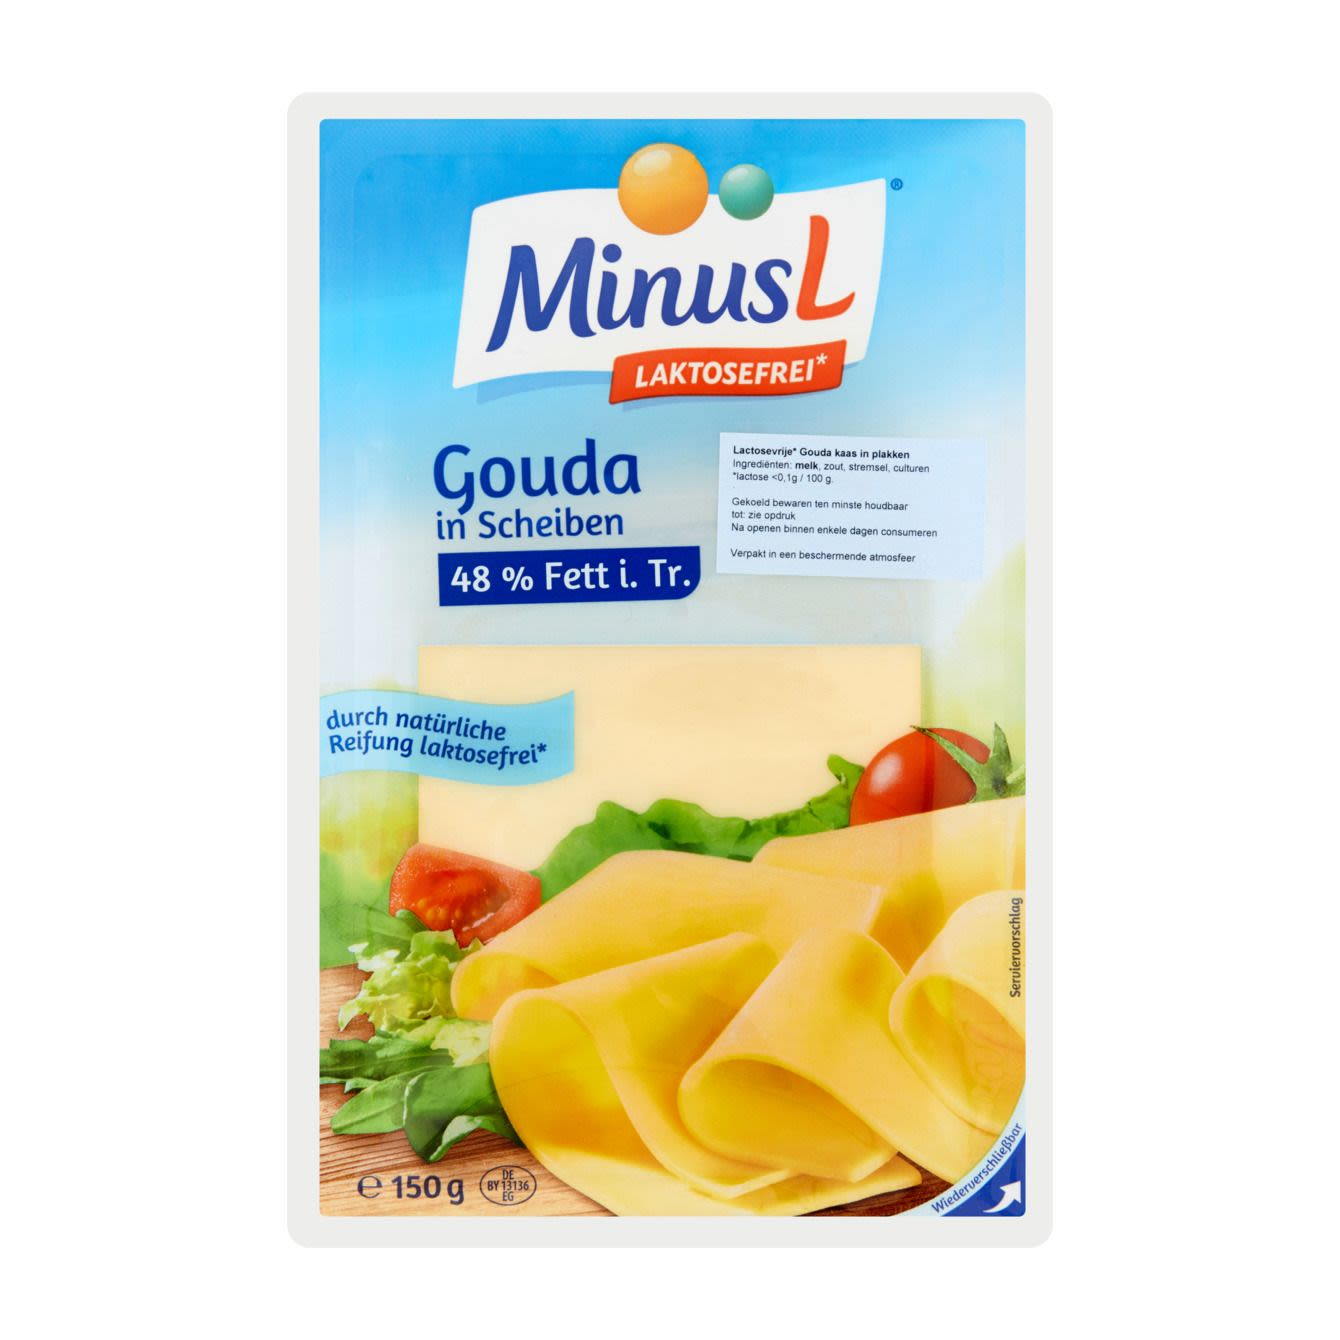 Minus L Produkte Online Bestellen